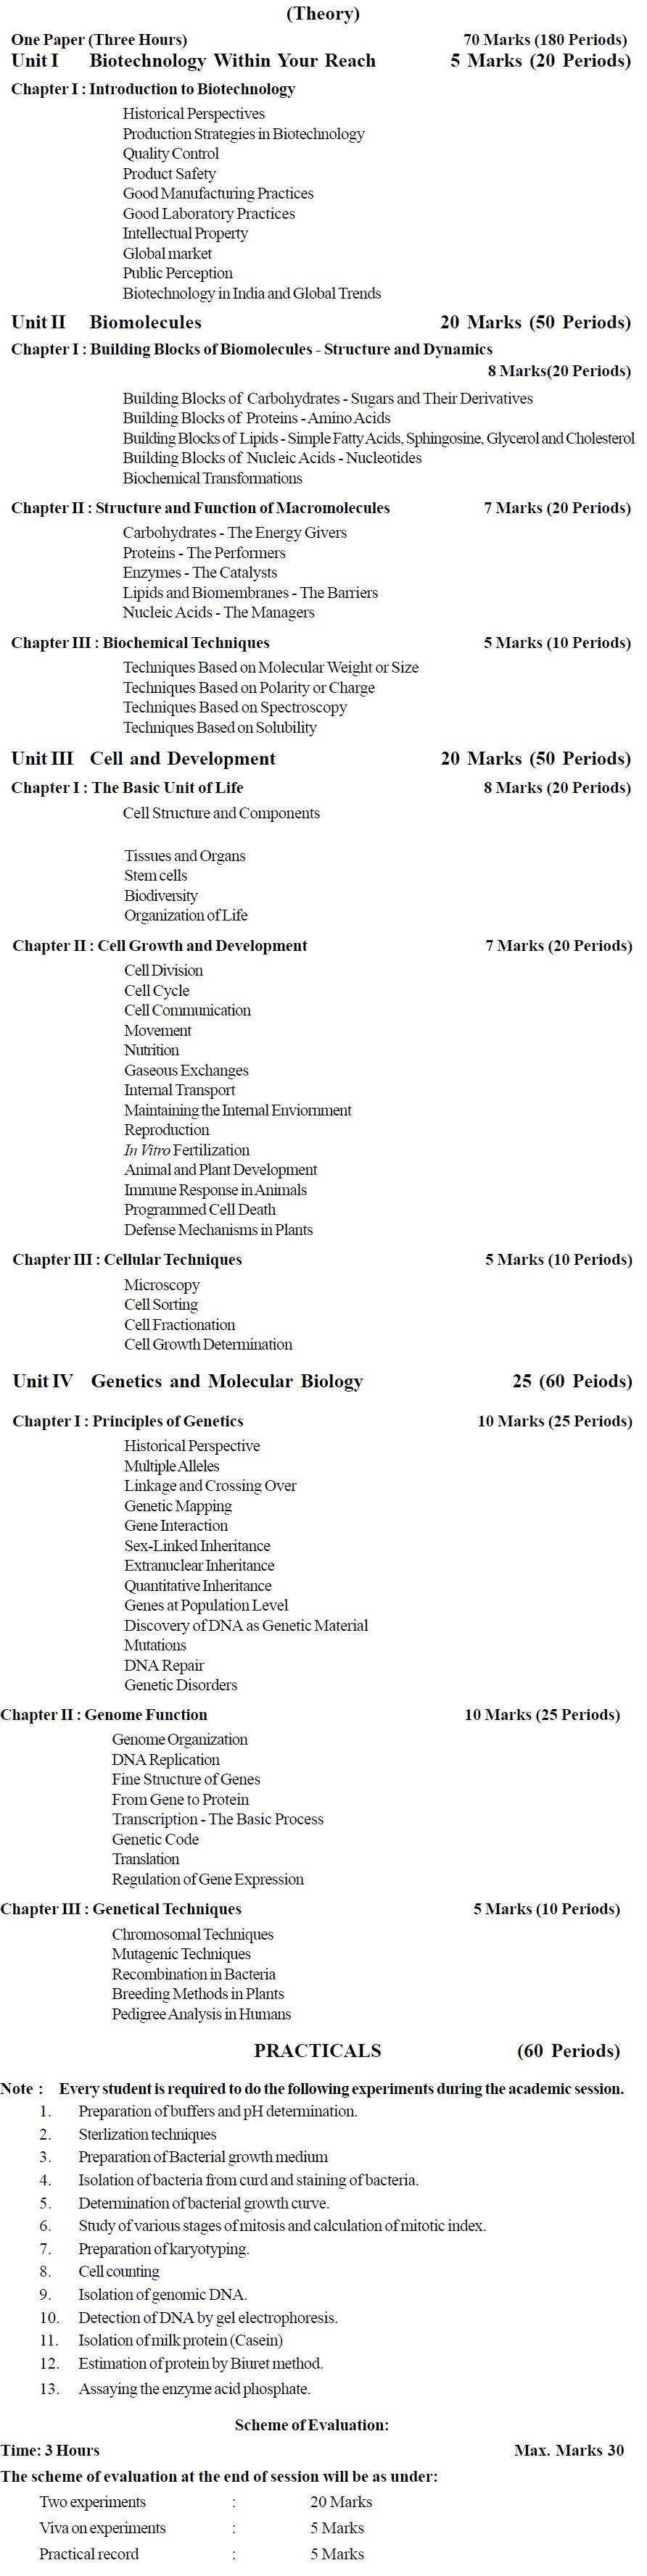 CBSE Class XI Marking Scheme 2014: Biotechnology